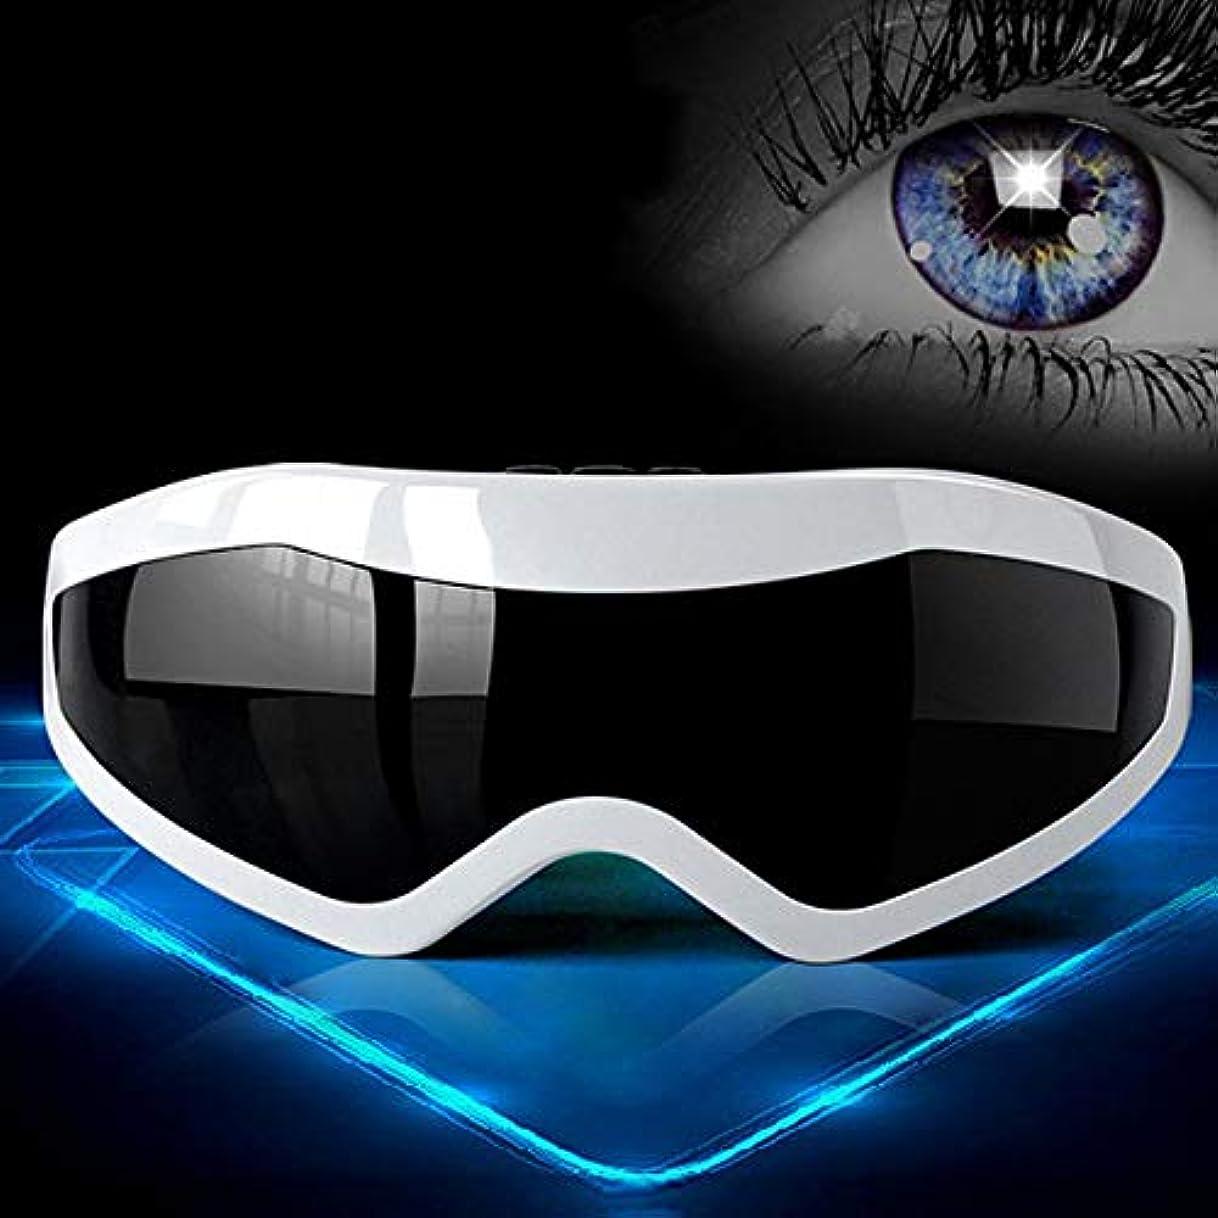 協力明日考古学的なComfortable Electric Eye Massager Men Women Eye Brain Relax Magnetic Eye Health Care Massager Instrument Best...